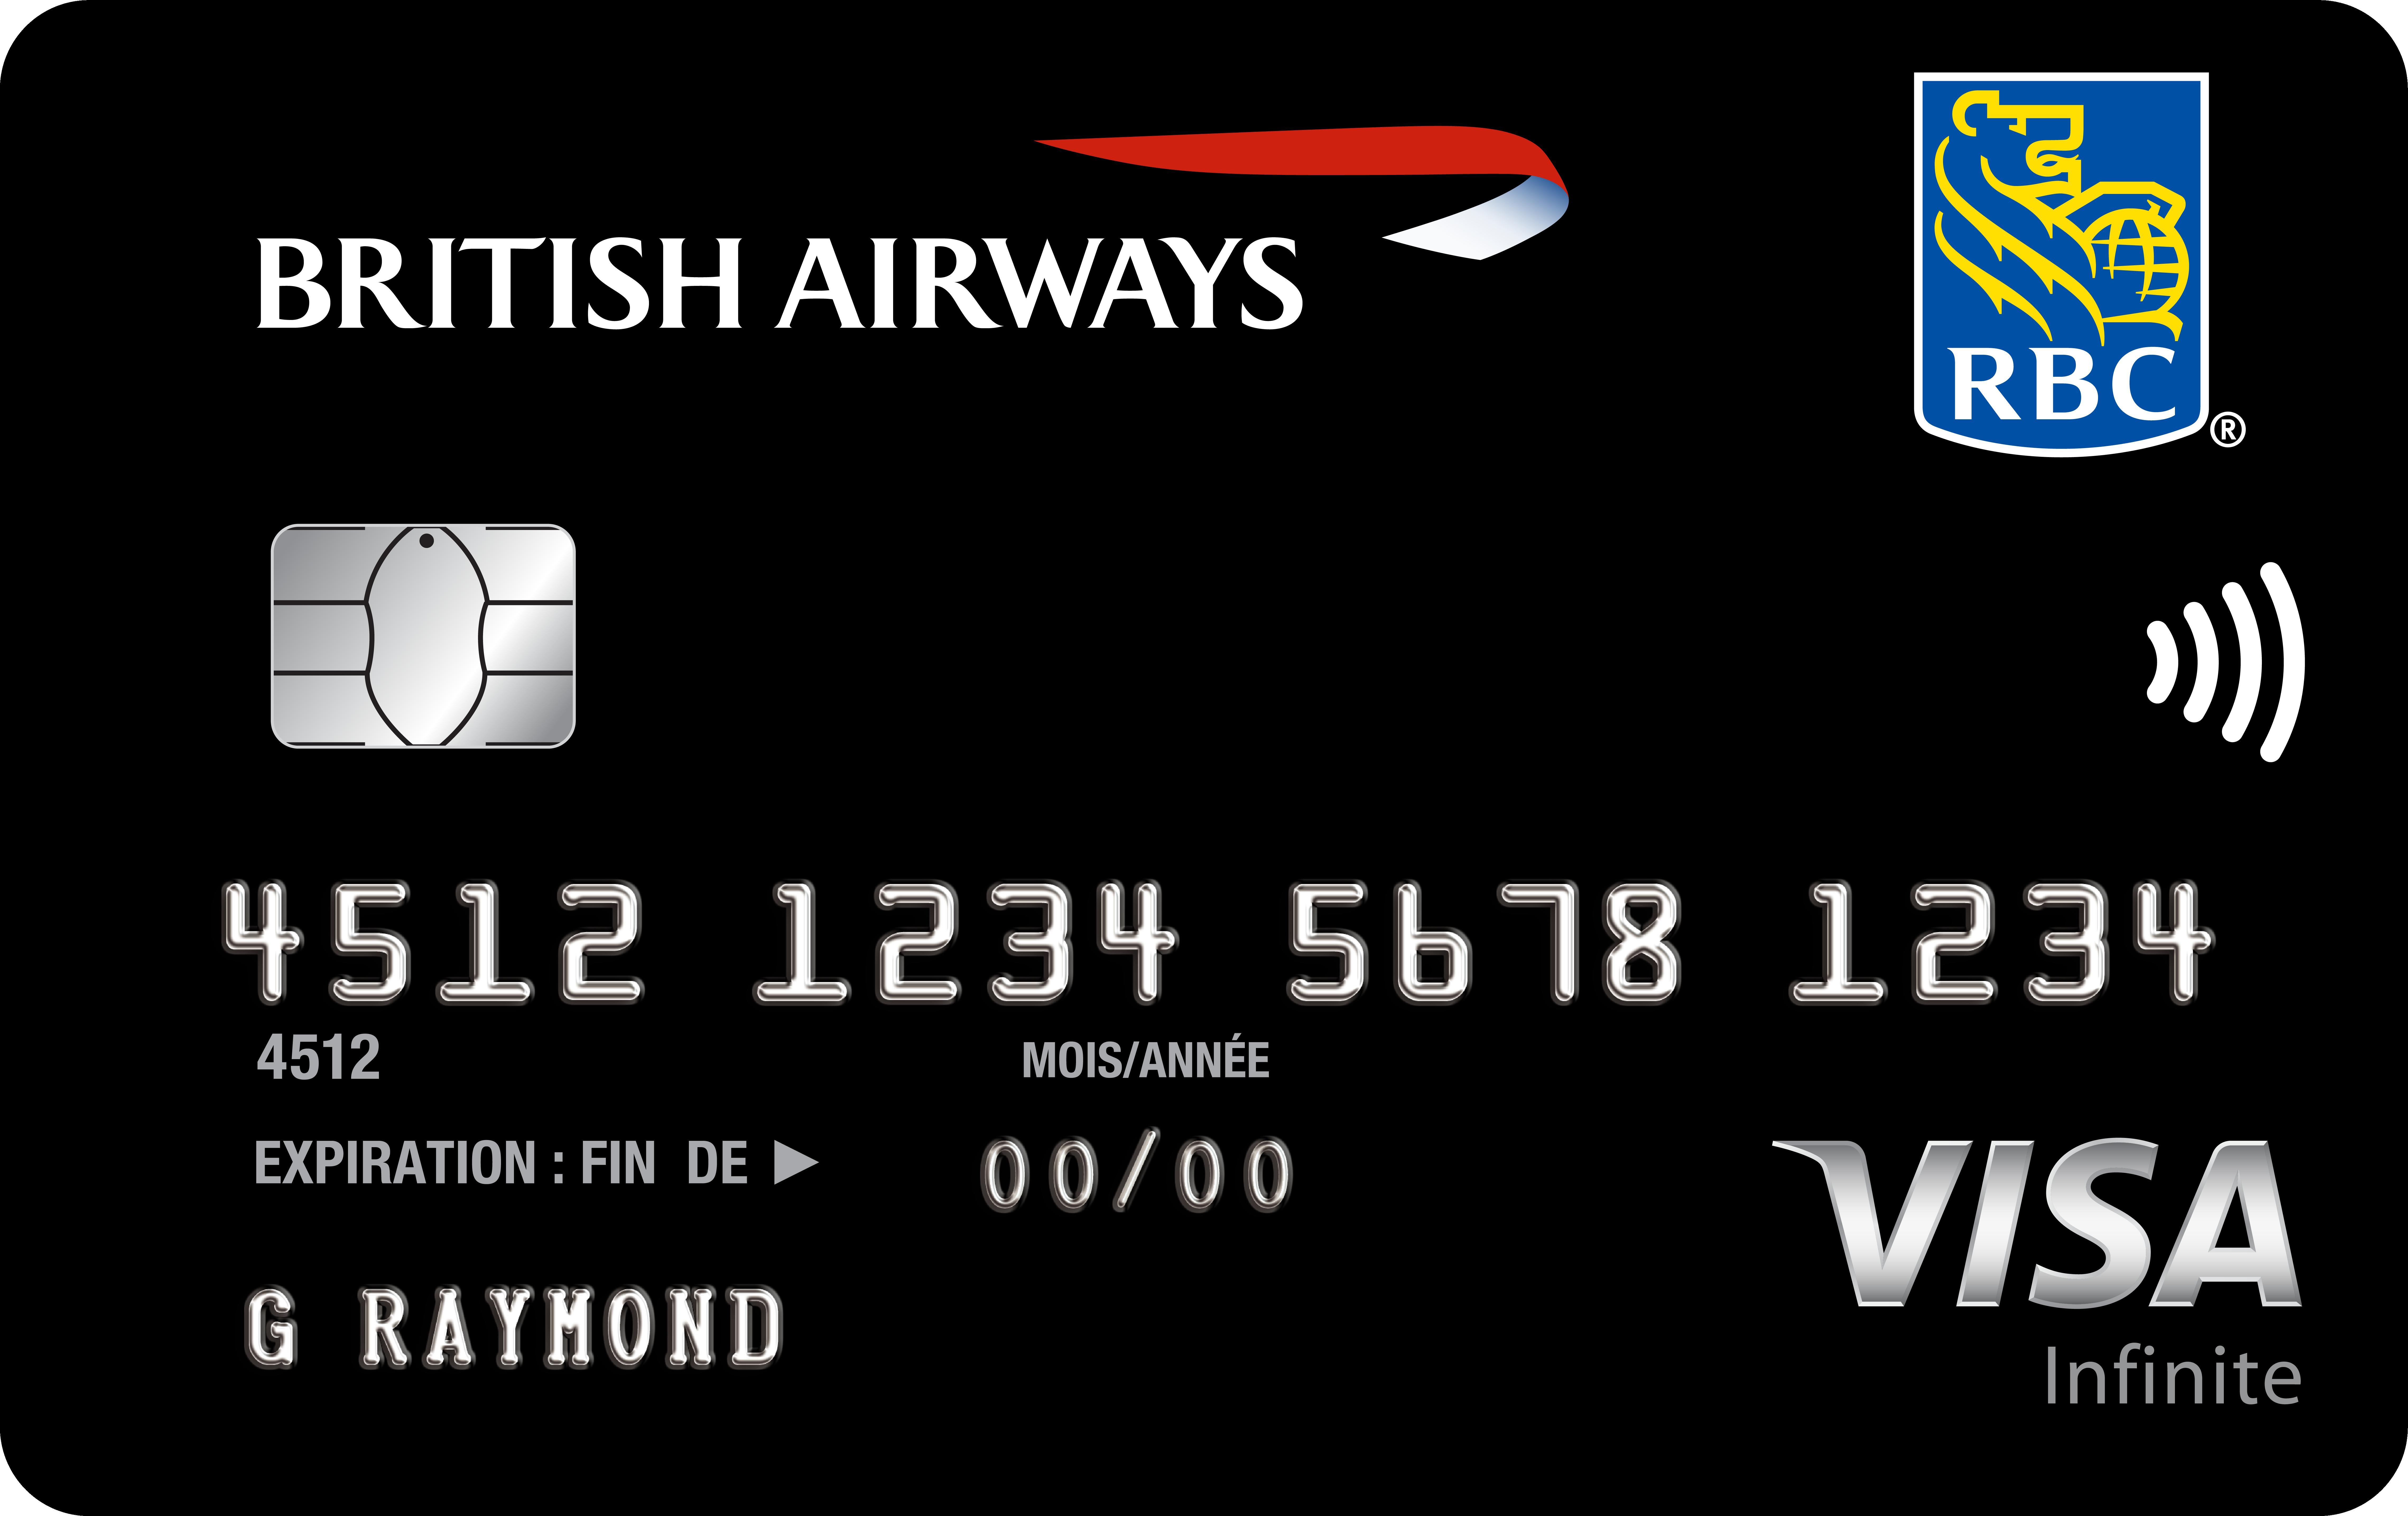 Carte Visa Infinite British Airways RBC